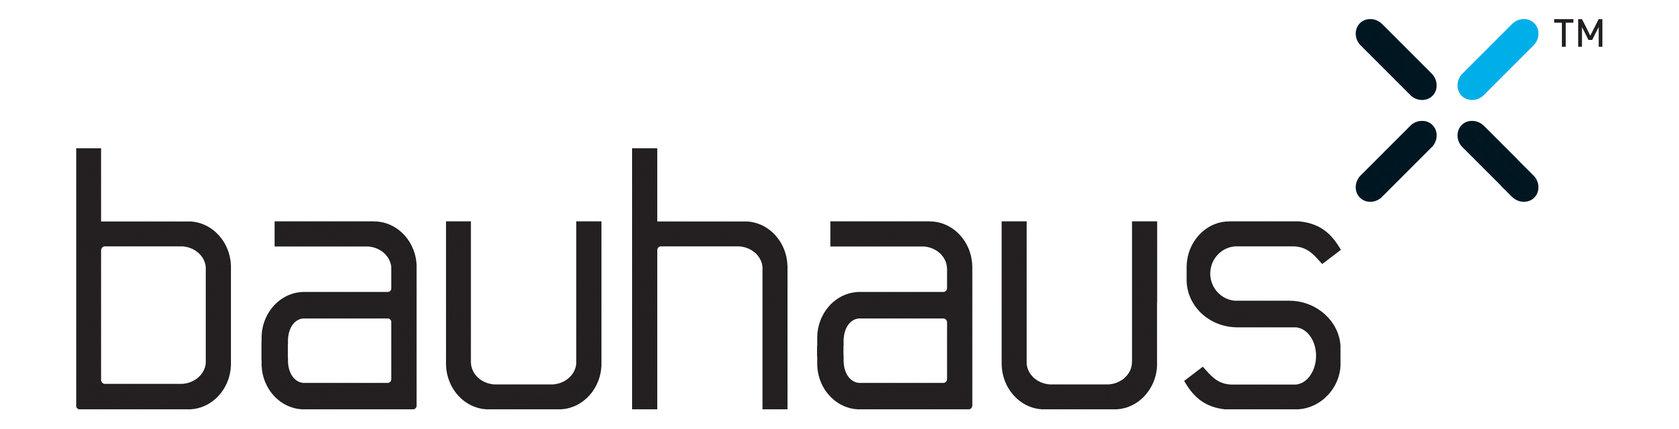 Bahaus